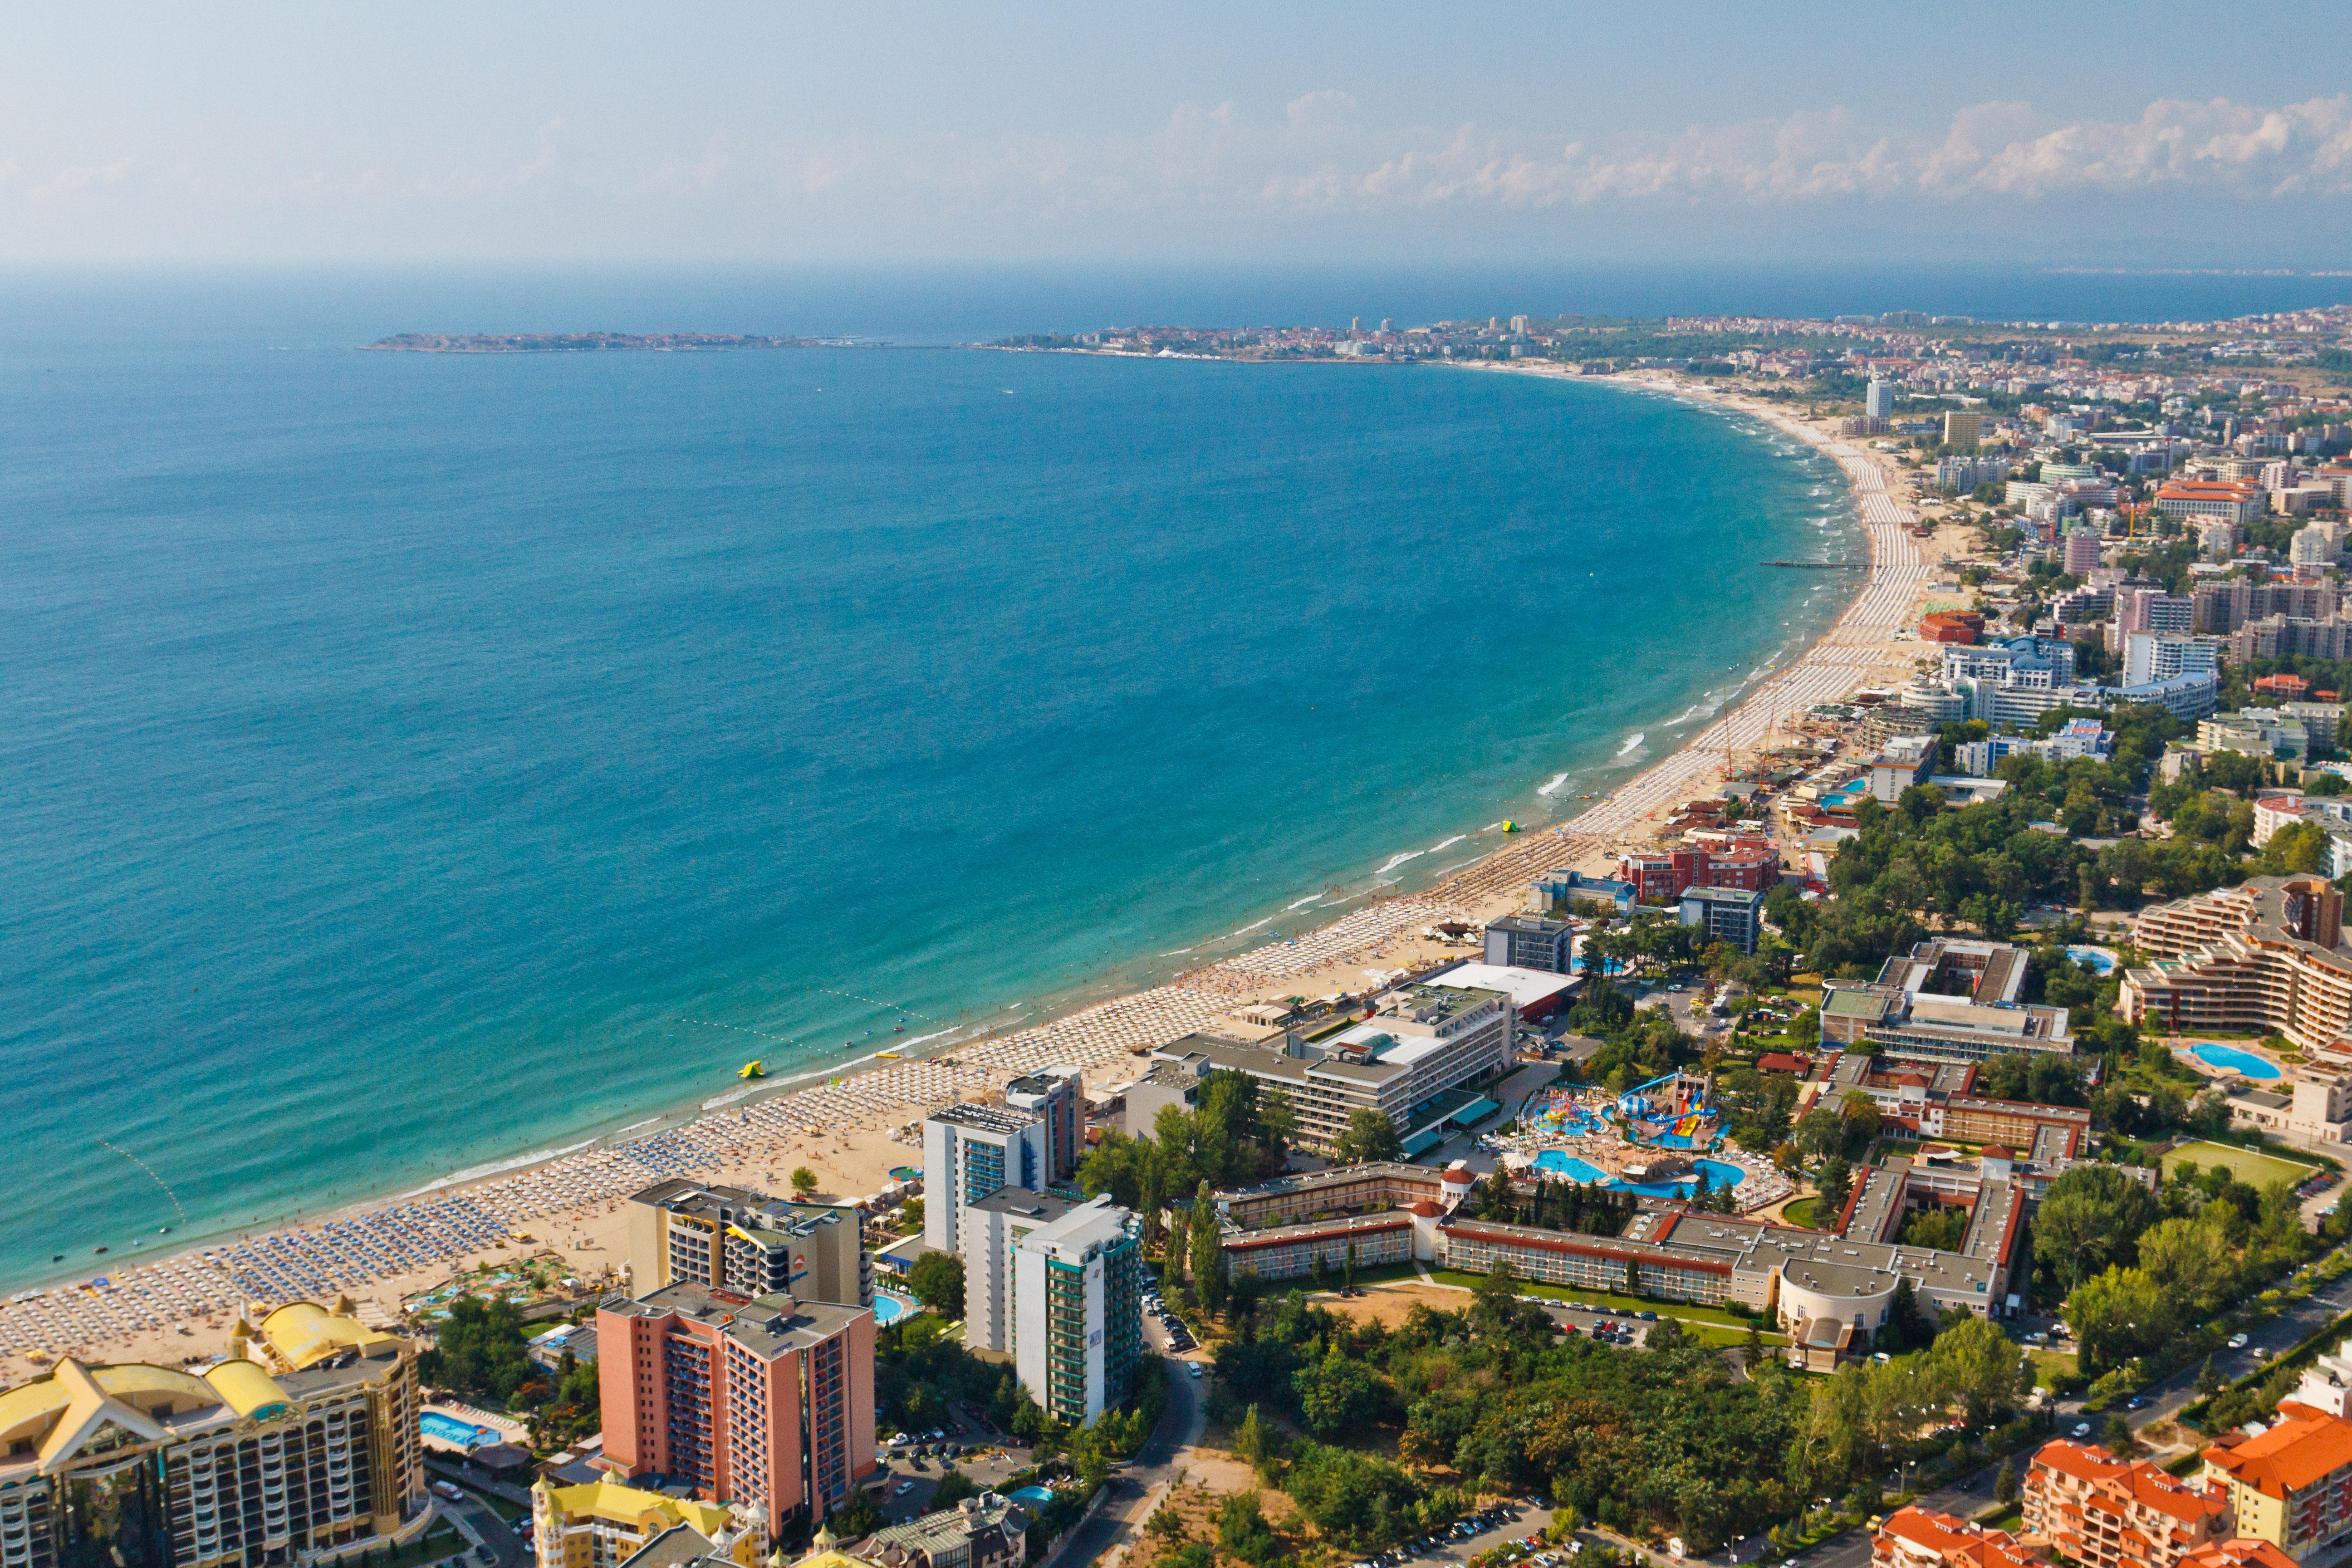 Побережье Черного Моря славится, почти культовыми, курортными зонами – Золотые пески и Солнечный бер